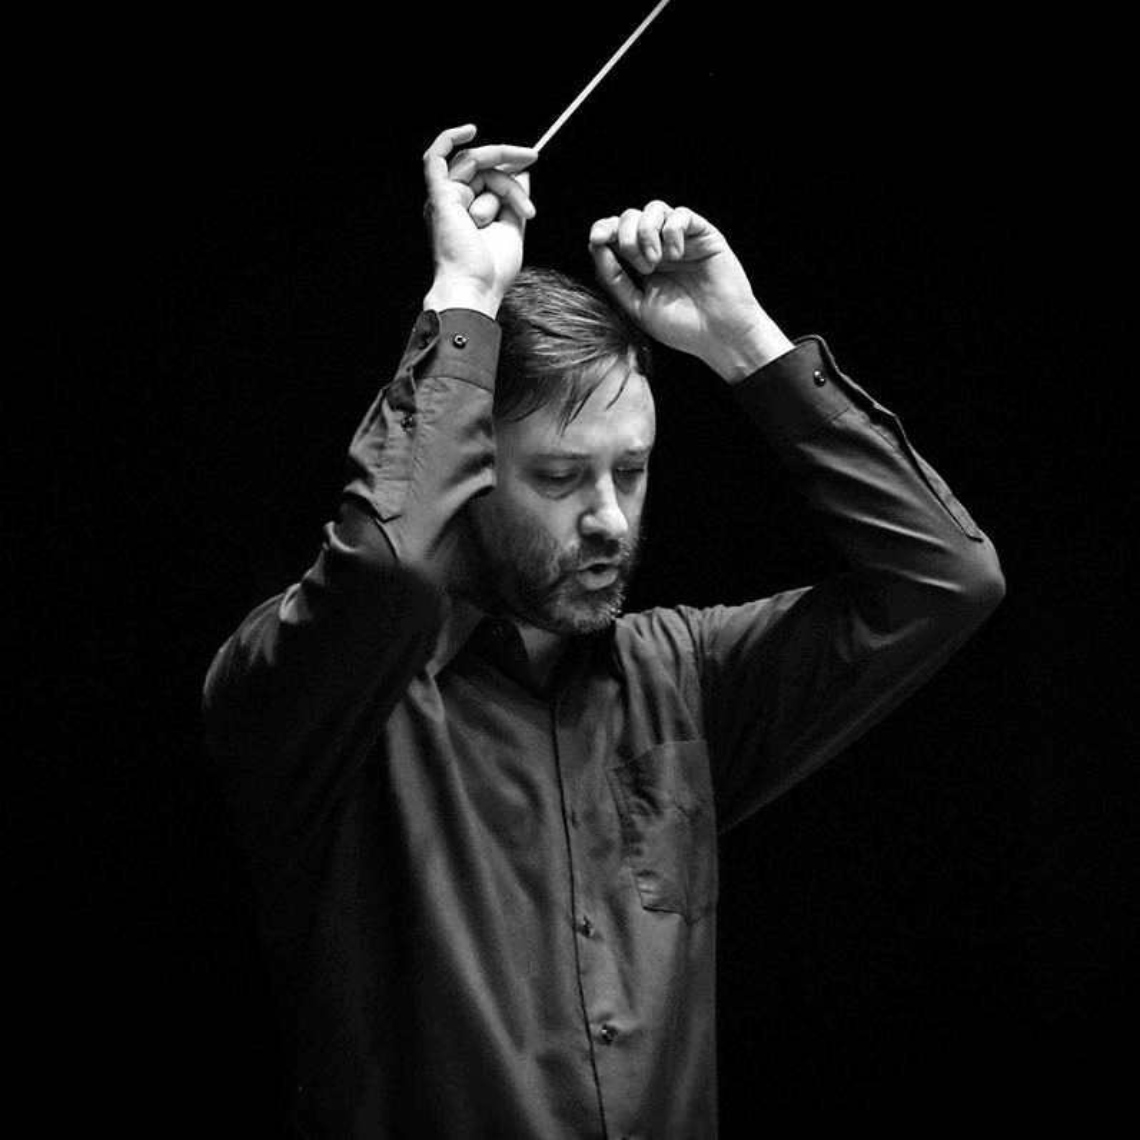 <p>Orquesta Sinfónica del Estado de México</p>